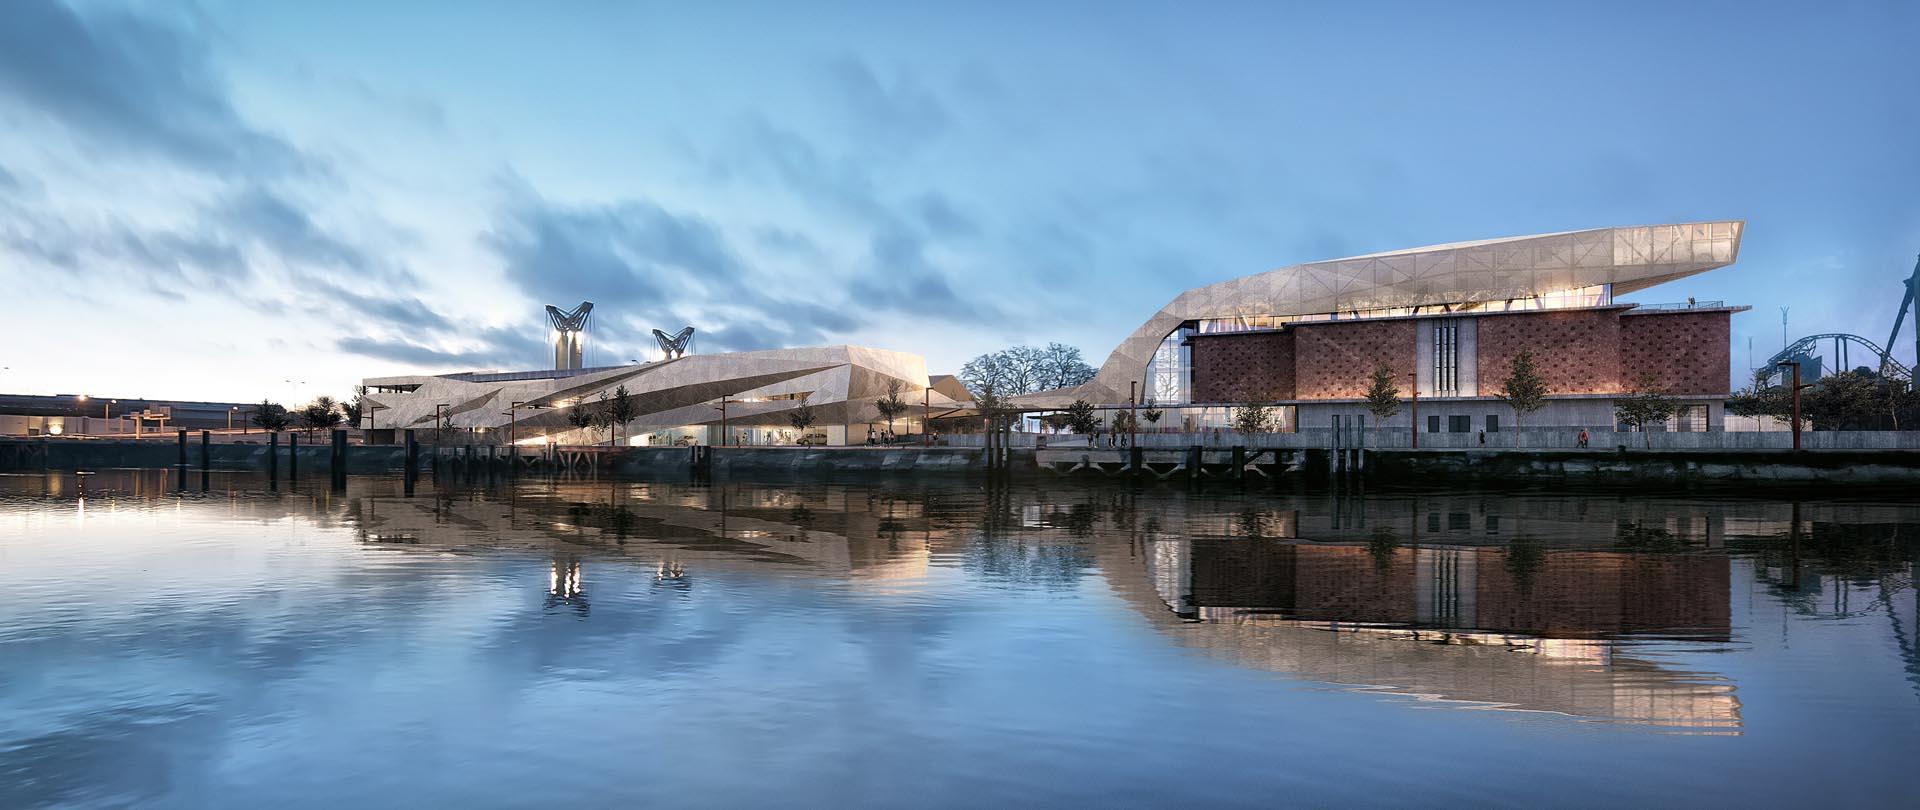 CBA agence d'architecture Rouen réinvente la Seine